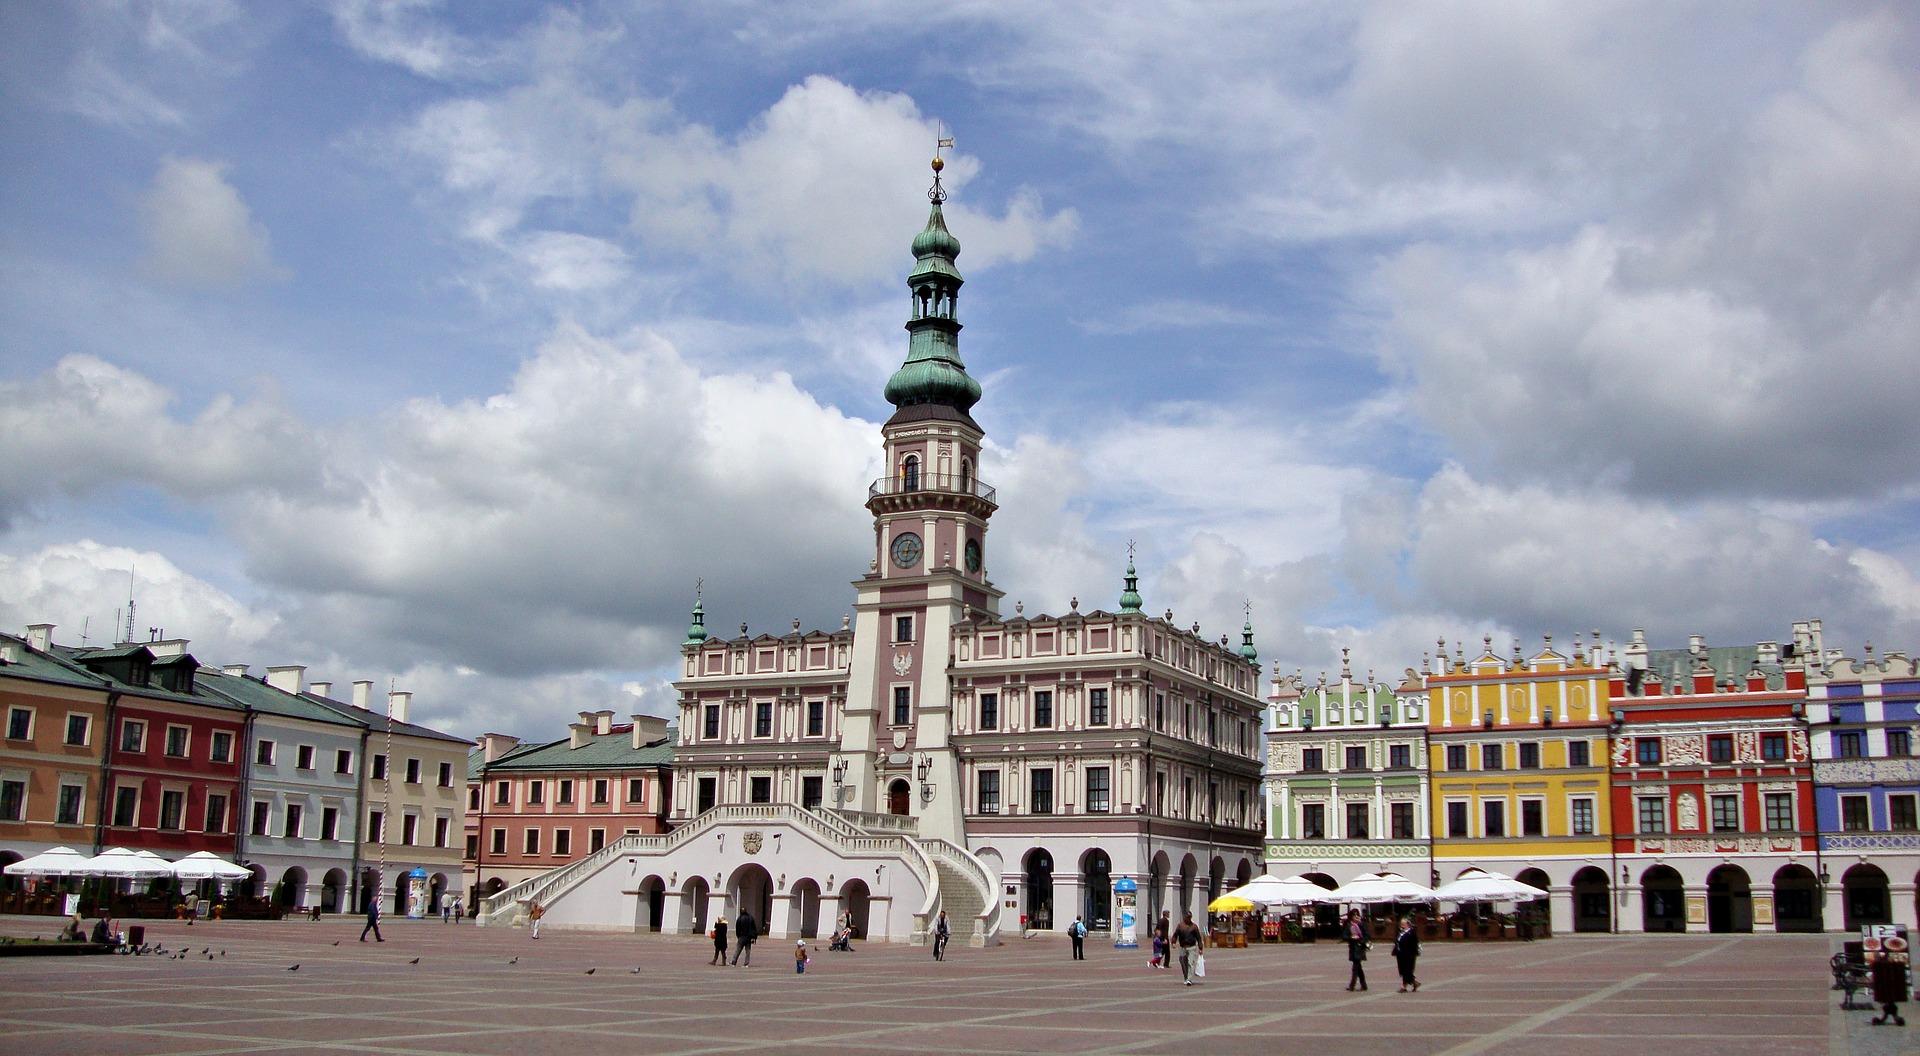 Obraz przedstawia Stary Rynek w Zamościu